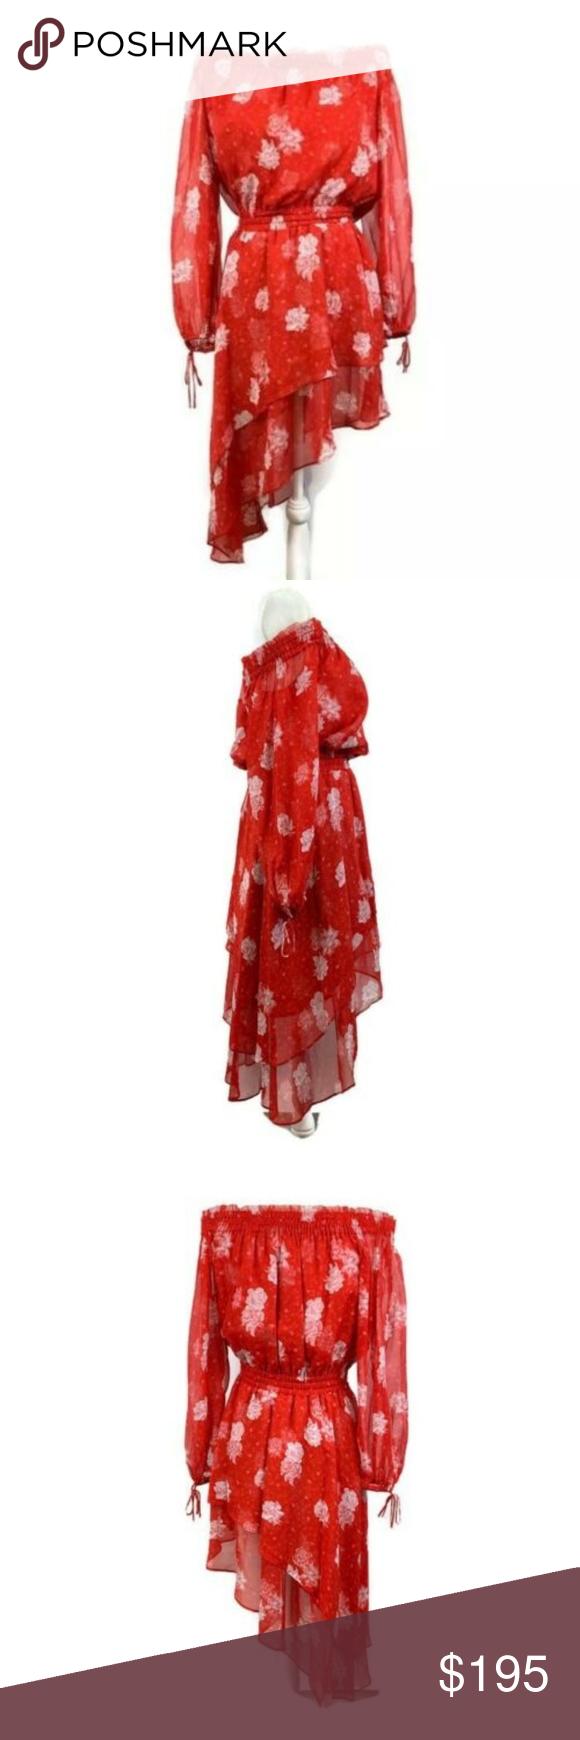 489b1c044215 The Kooples Rosie Blues Dress Sz 2 US S/M The Kooples Rosie Blues Dress